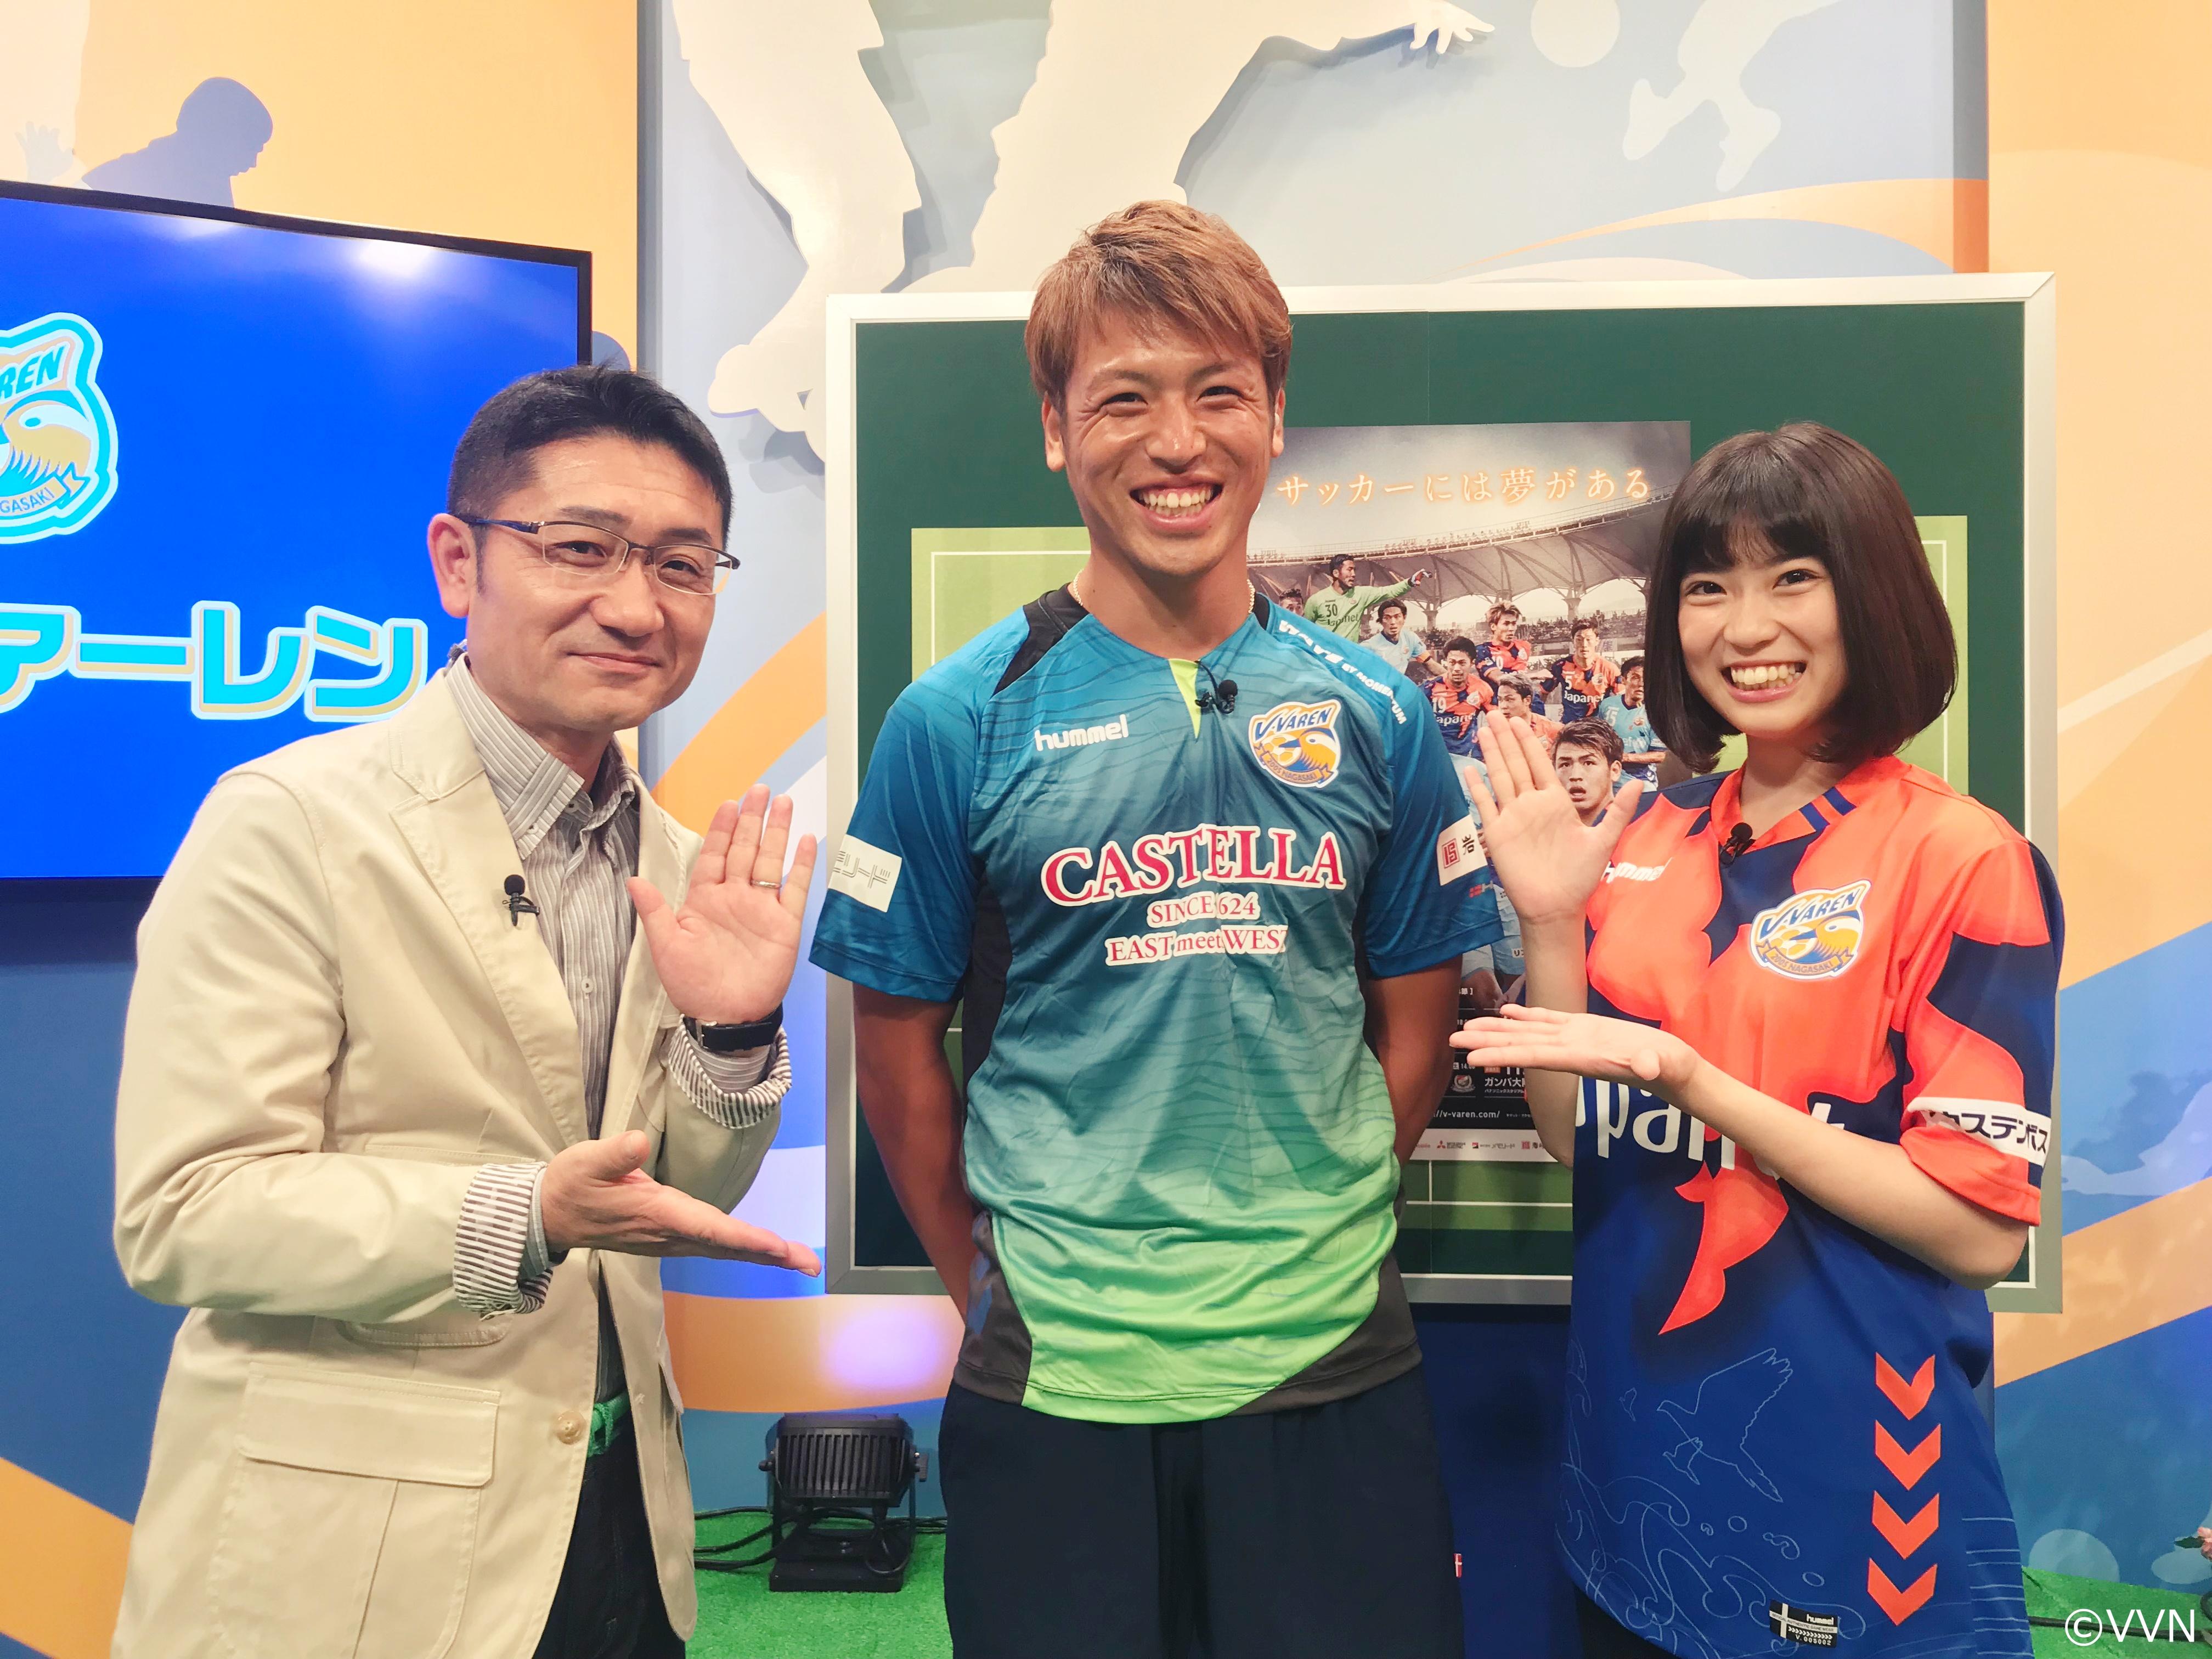 【テレビ出演情報】<9/8(土)>ALL V・ファーレンに中村慶太選手が出演! サムネイル